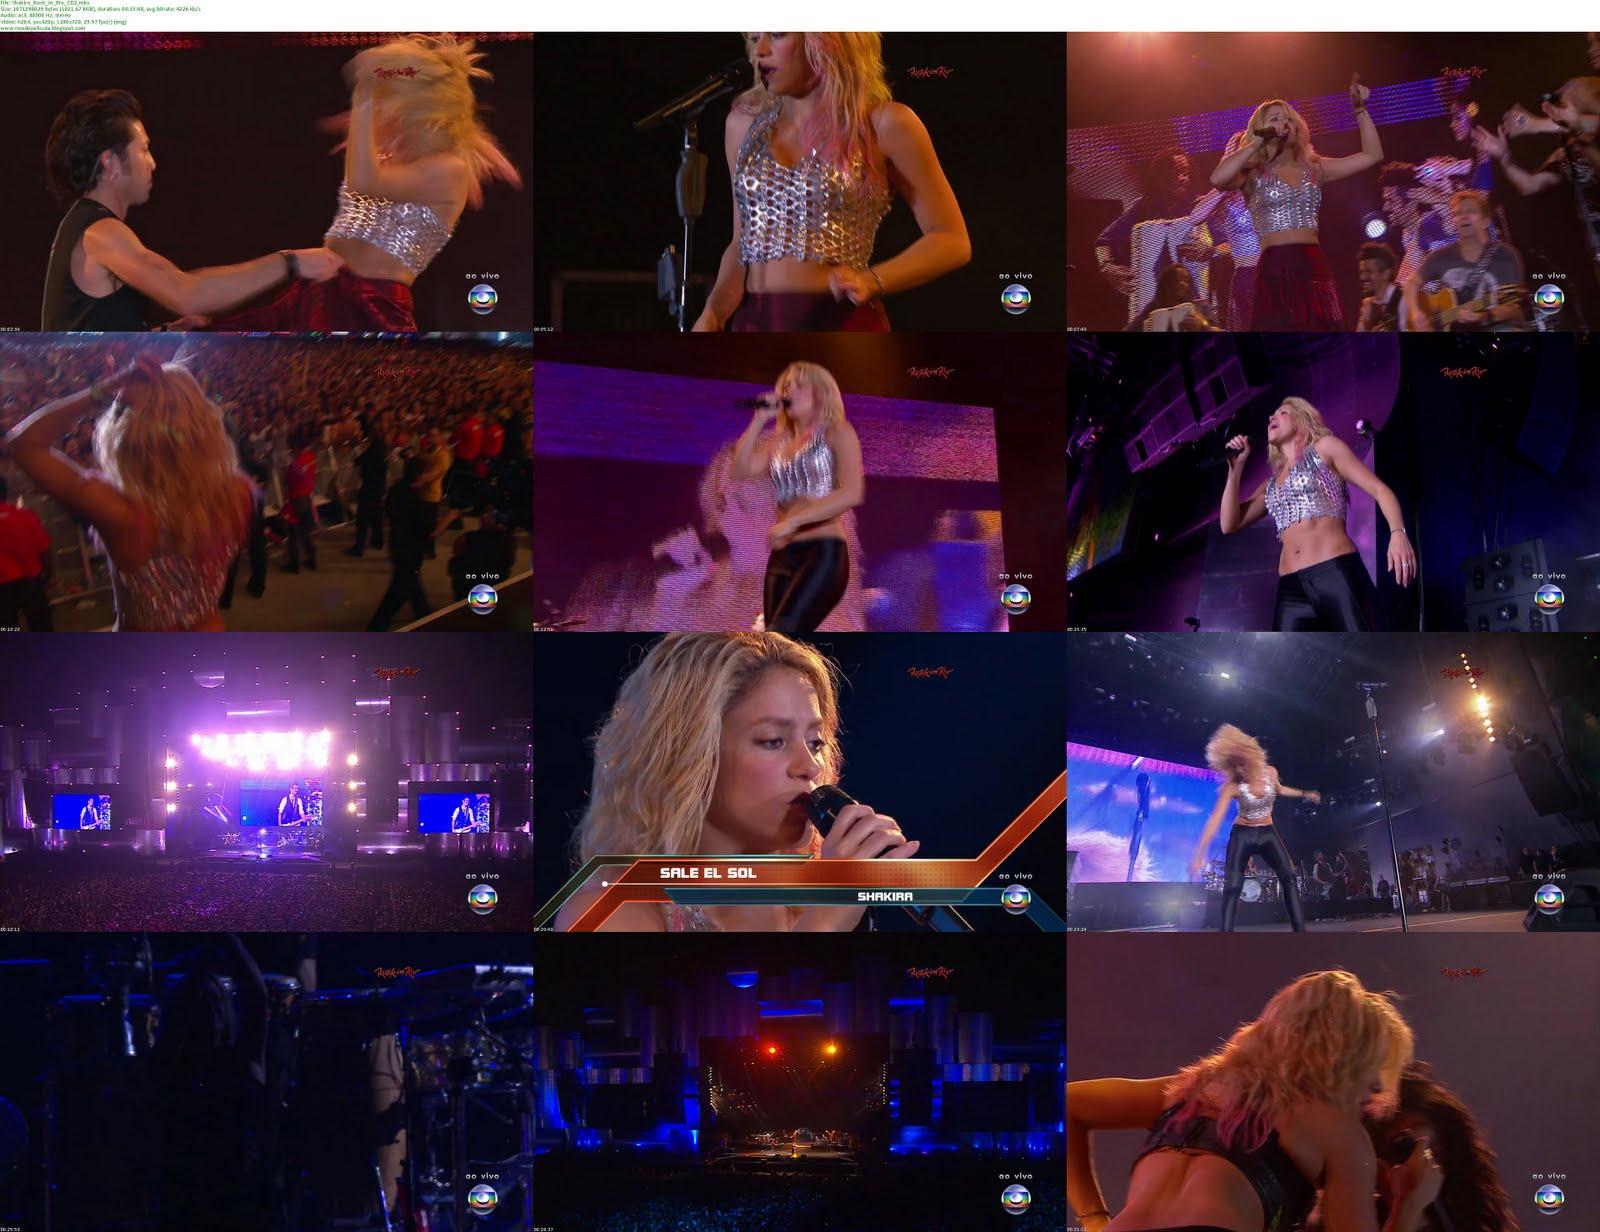 http://3.bp.blogspot.com/-EU1TtuXwxAU/TtAbFjF20kI/AAAAAAAAD3Q/DKuhiVsa4ZM/s1600/Shakira_Rock_in_Rio_CD2.jpg